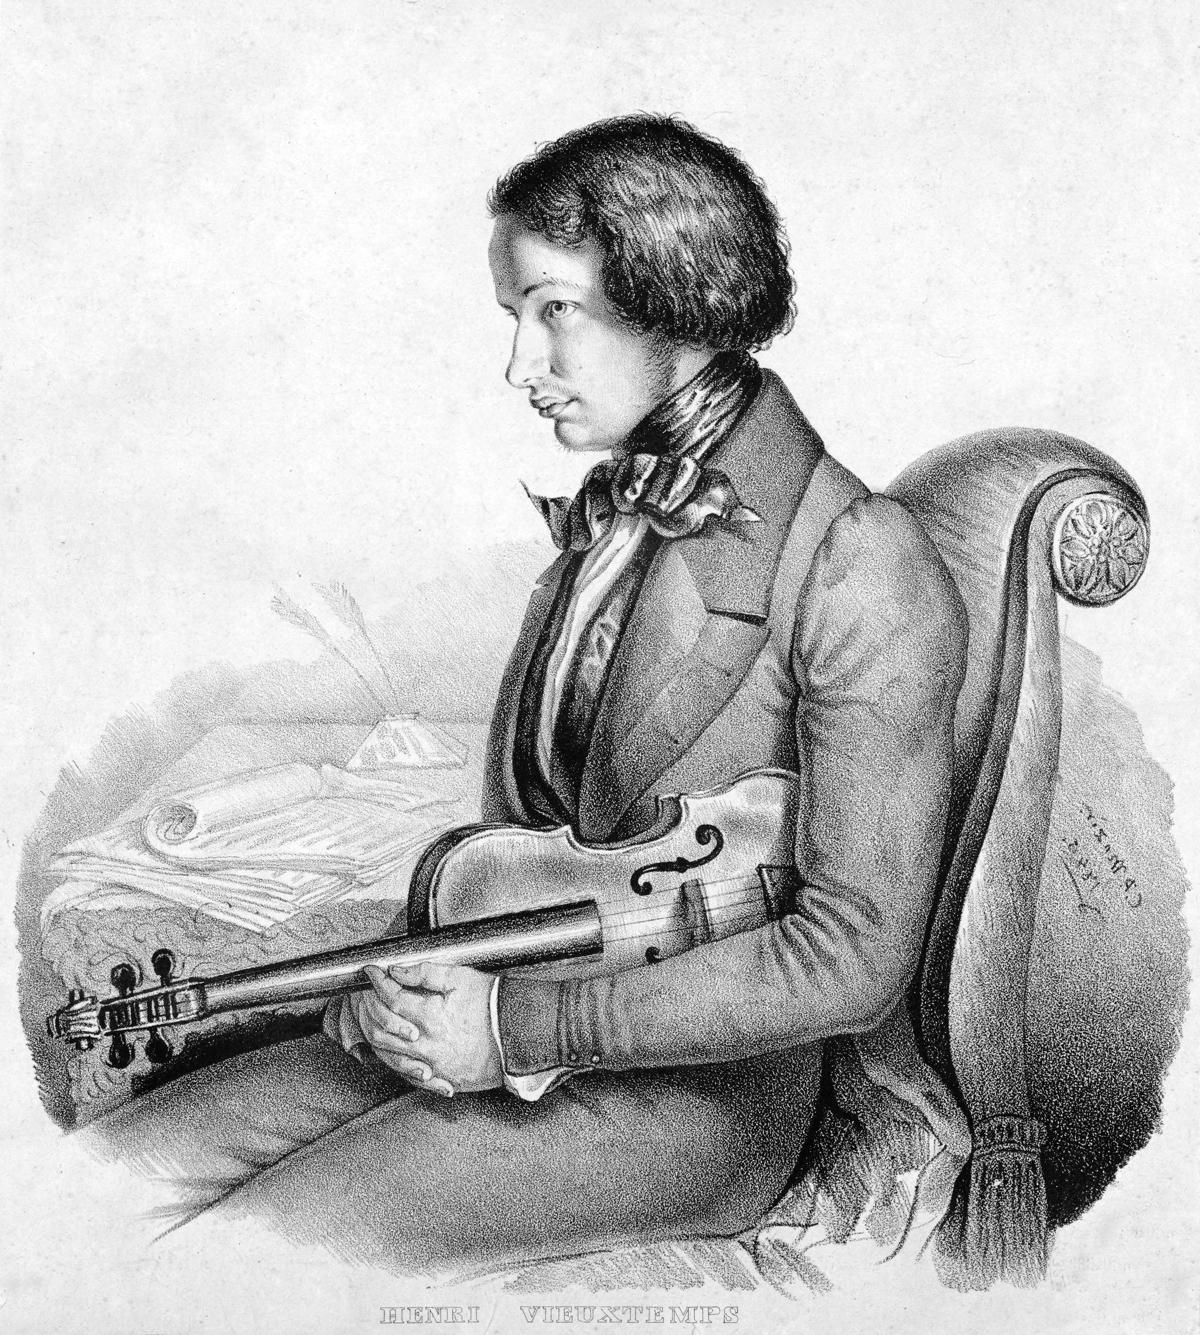 Portrait of Henri Vieuxtemps in 1846